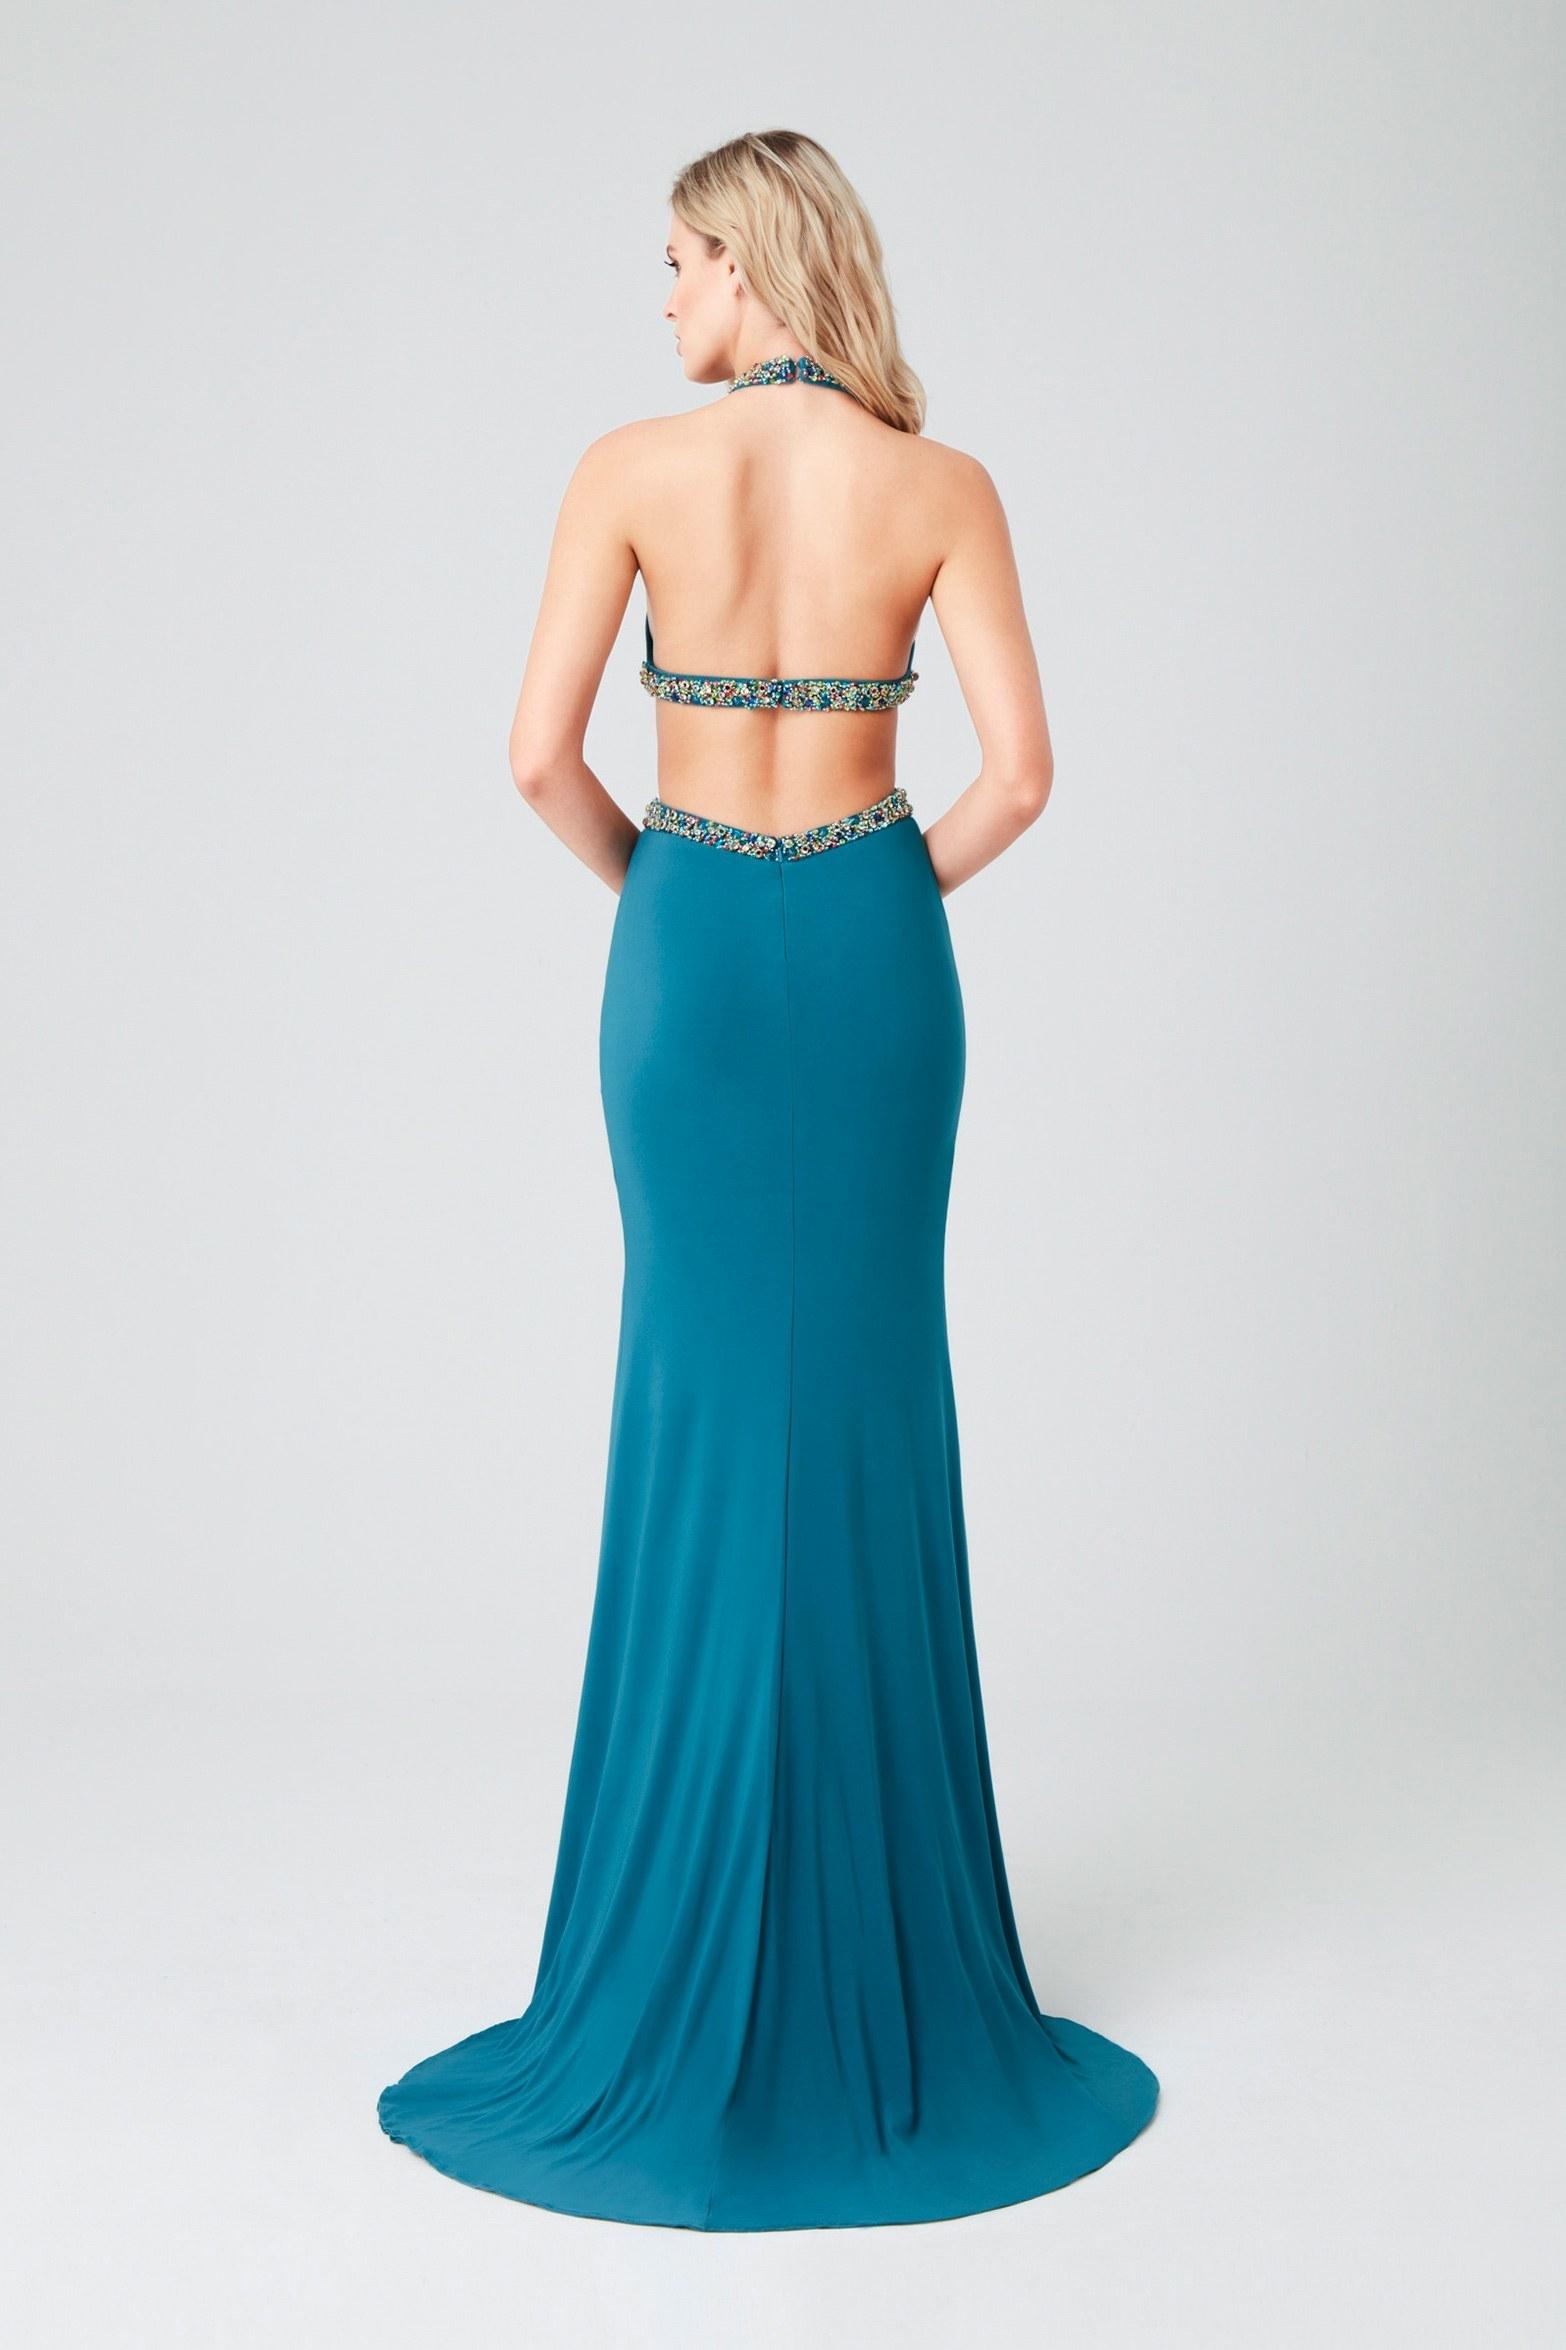 Viola Chan - Mavi Boyundan Bağlı Jarse Uzun Abiye Elbise